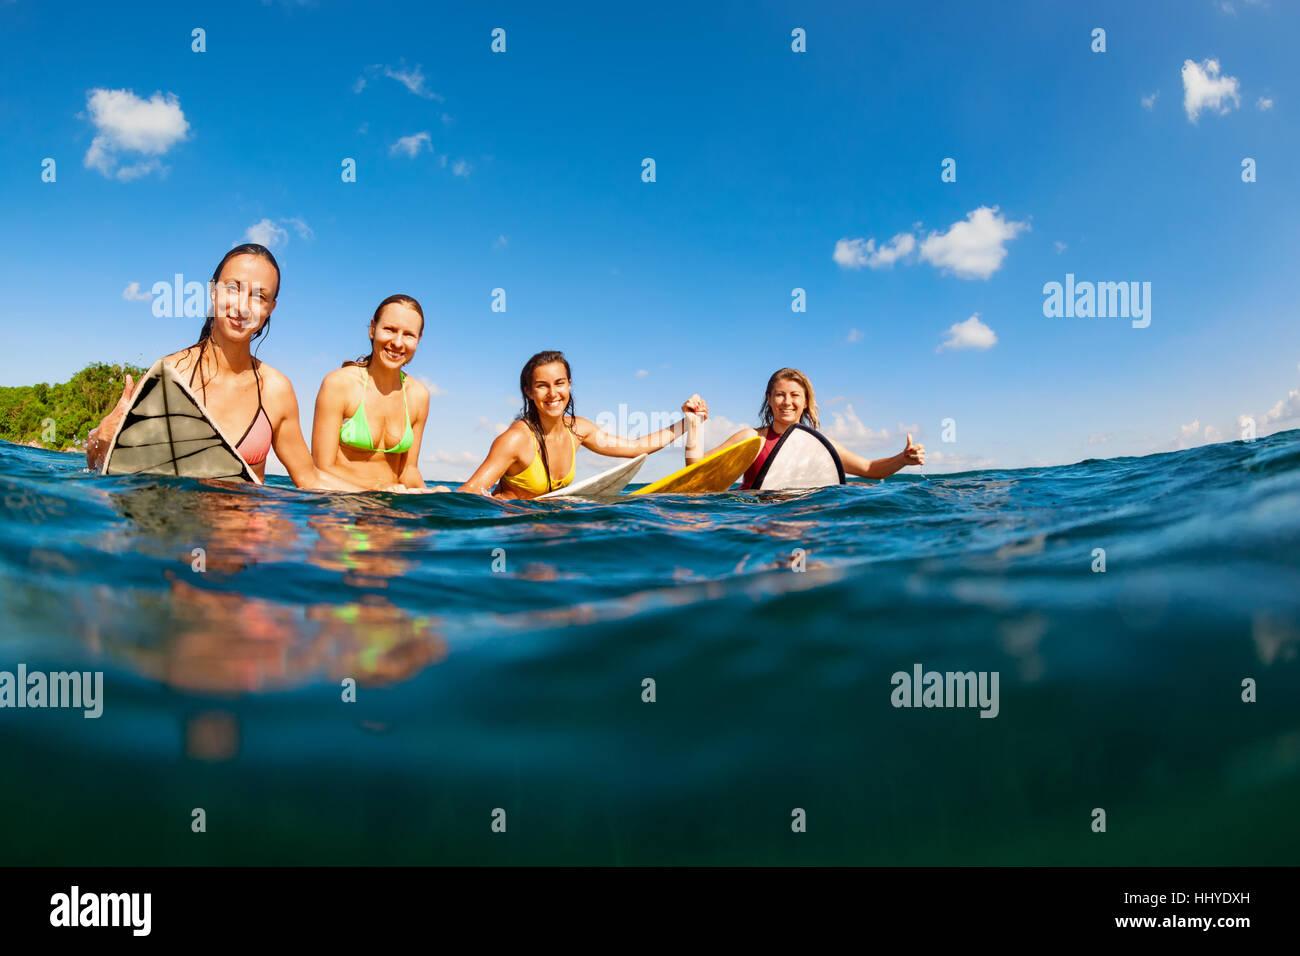 Chicas en bikini - grupo de surfistas sobre tablas de surf, las mujeres esperan que las olas del océano de personas Foto de stock